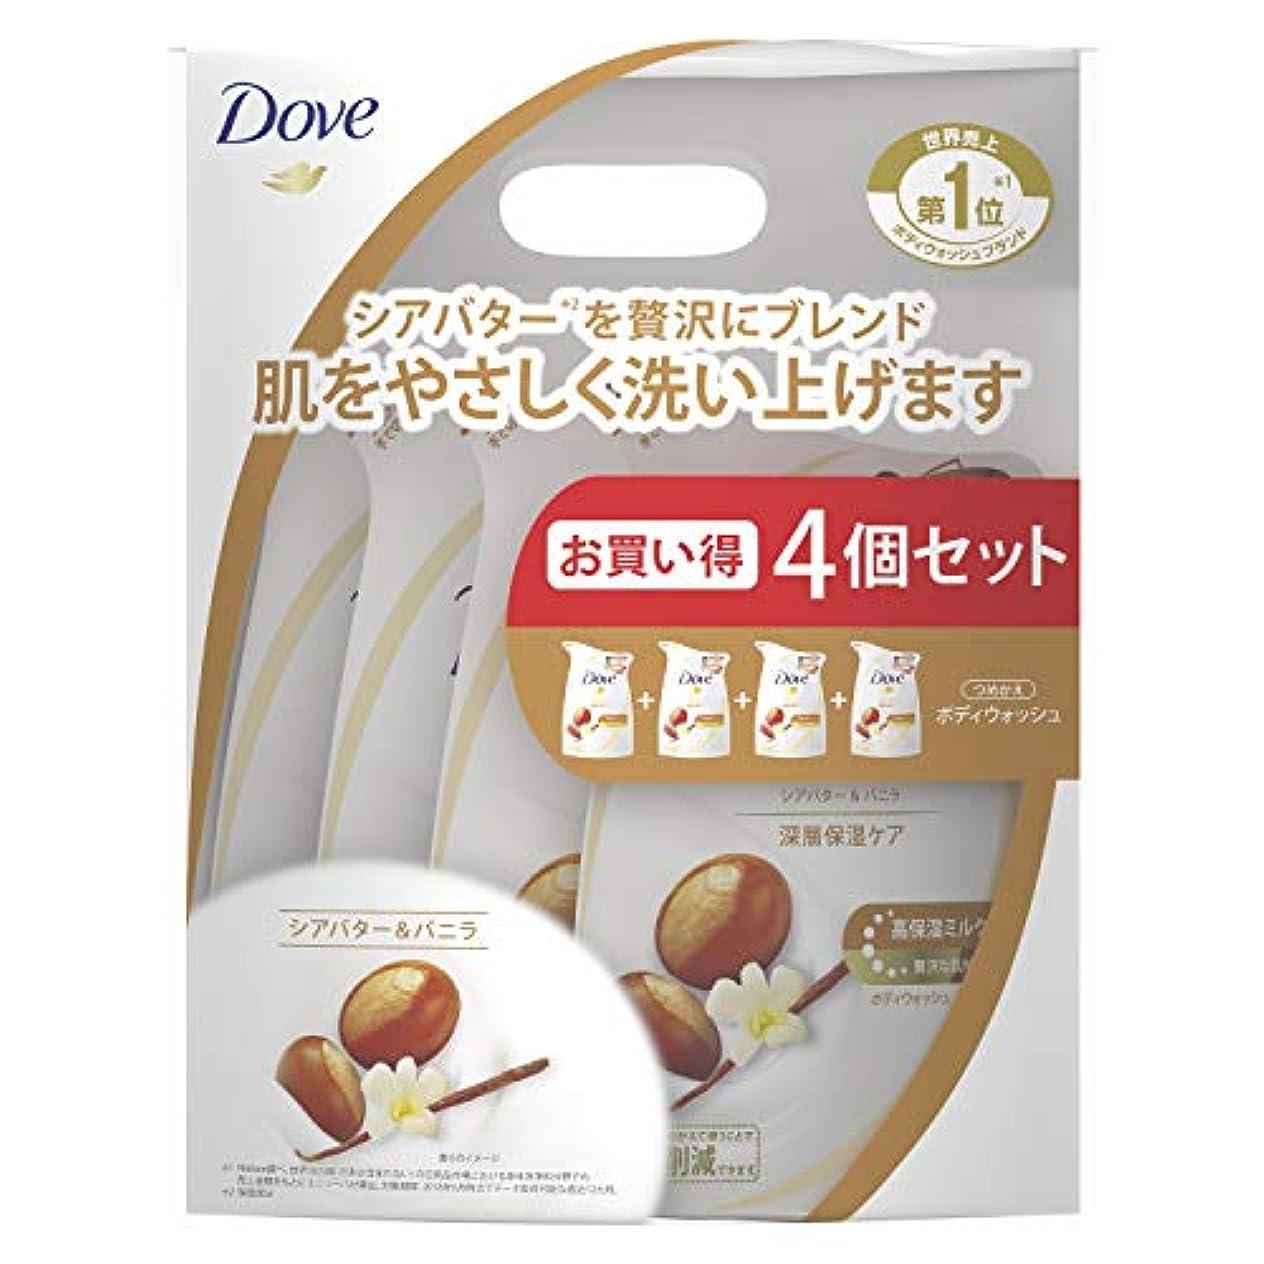 島内訳もしDove(ダヴ) ダヴ ボディウォッシュ リッチケア シアバター&バニラ つめかえ用 4個セット ボディソープ 詰替え 340g×4個